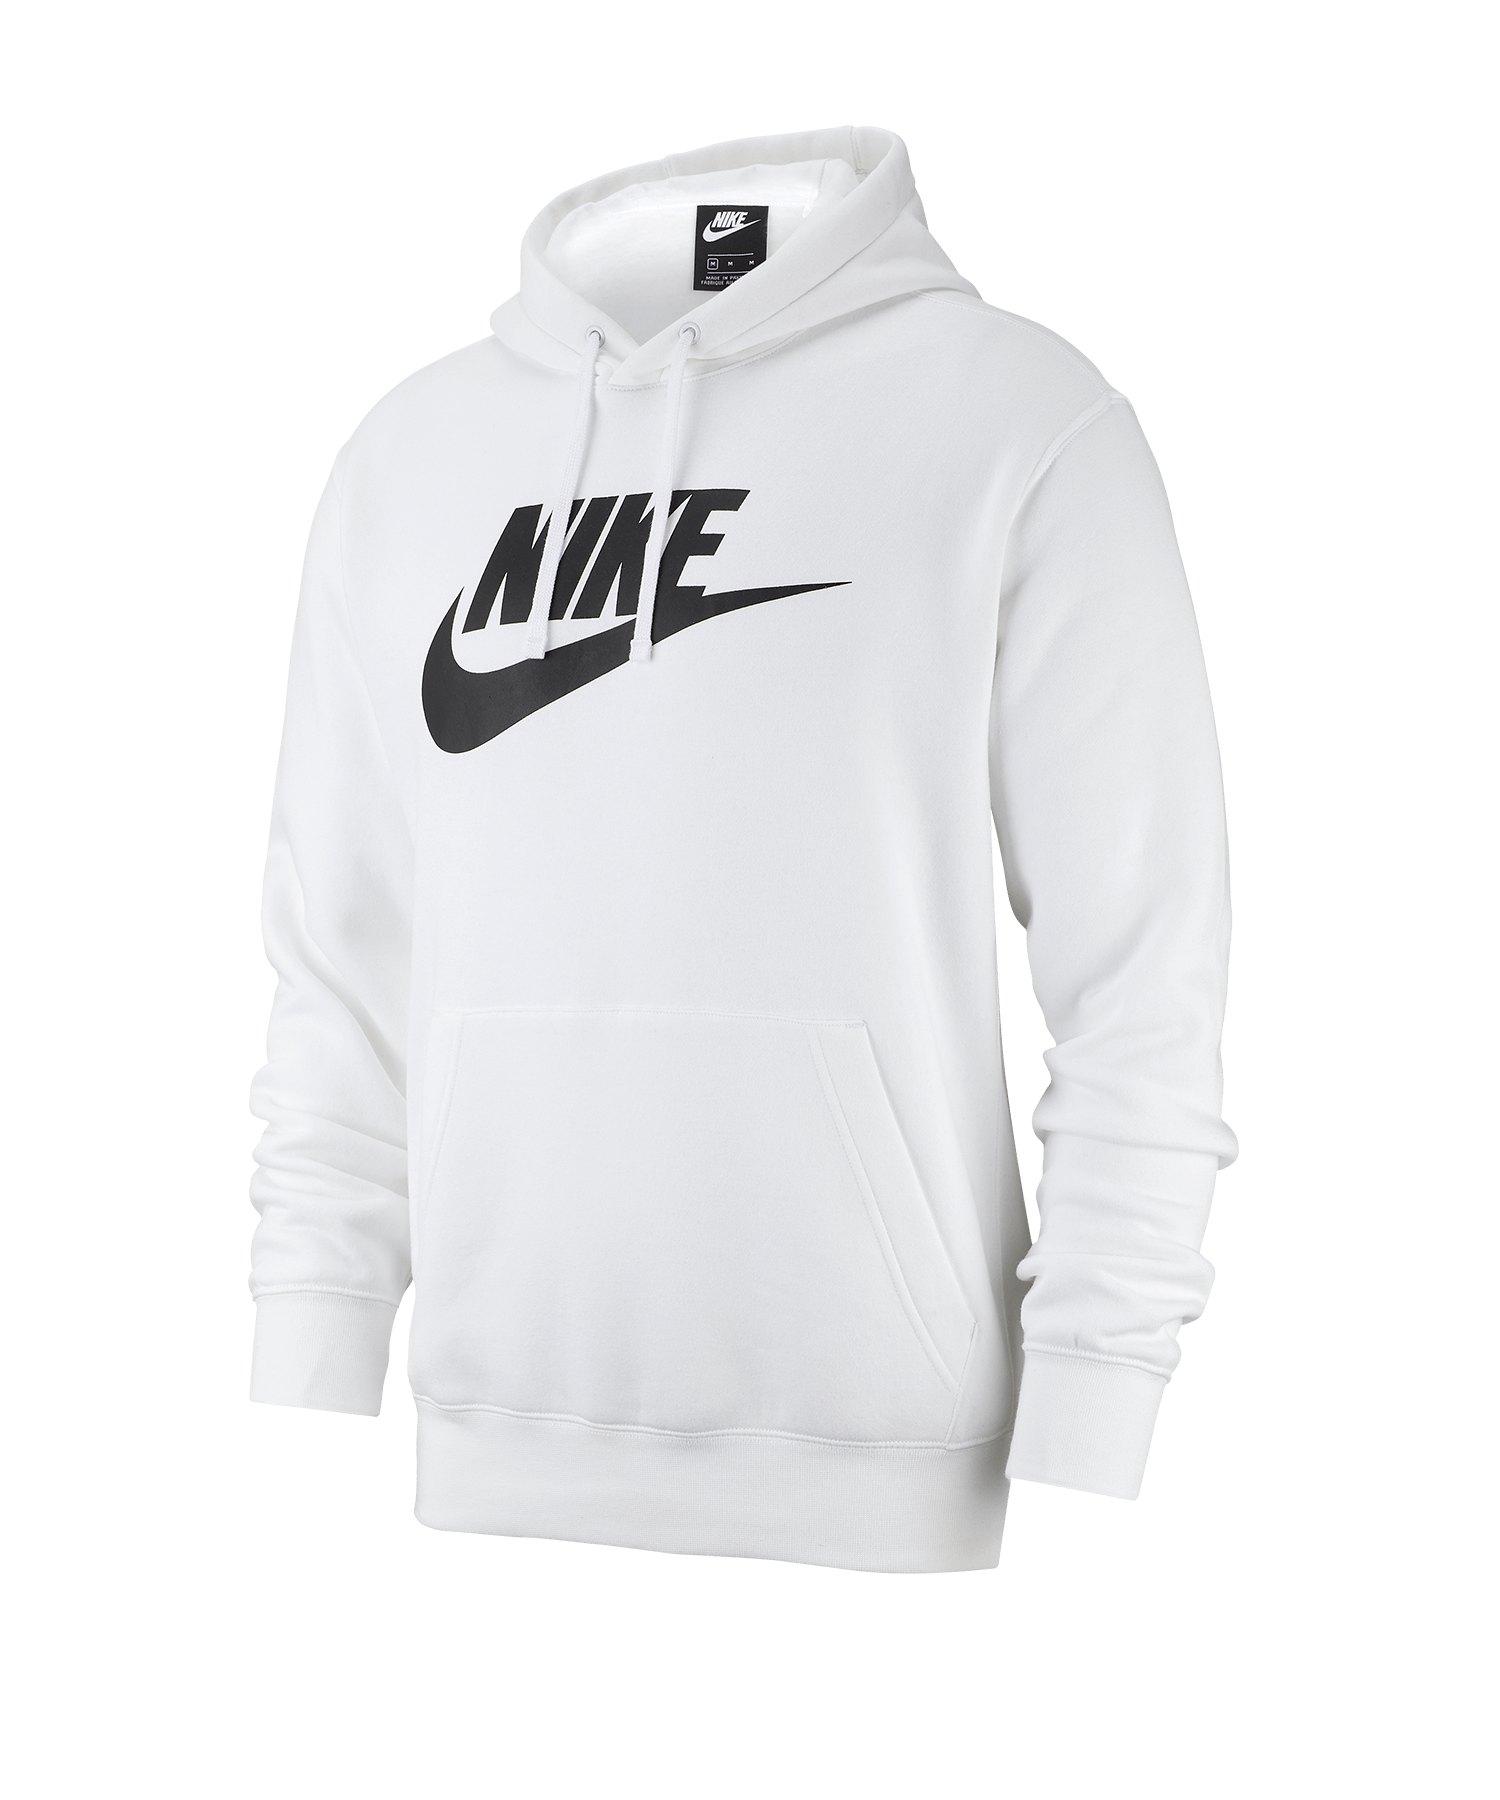 Nike Fleece Kapuzensweatshirt Hoody Weiss F100 - weiss